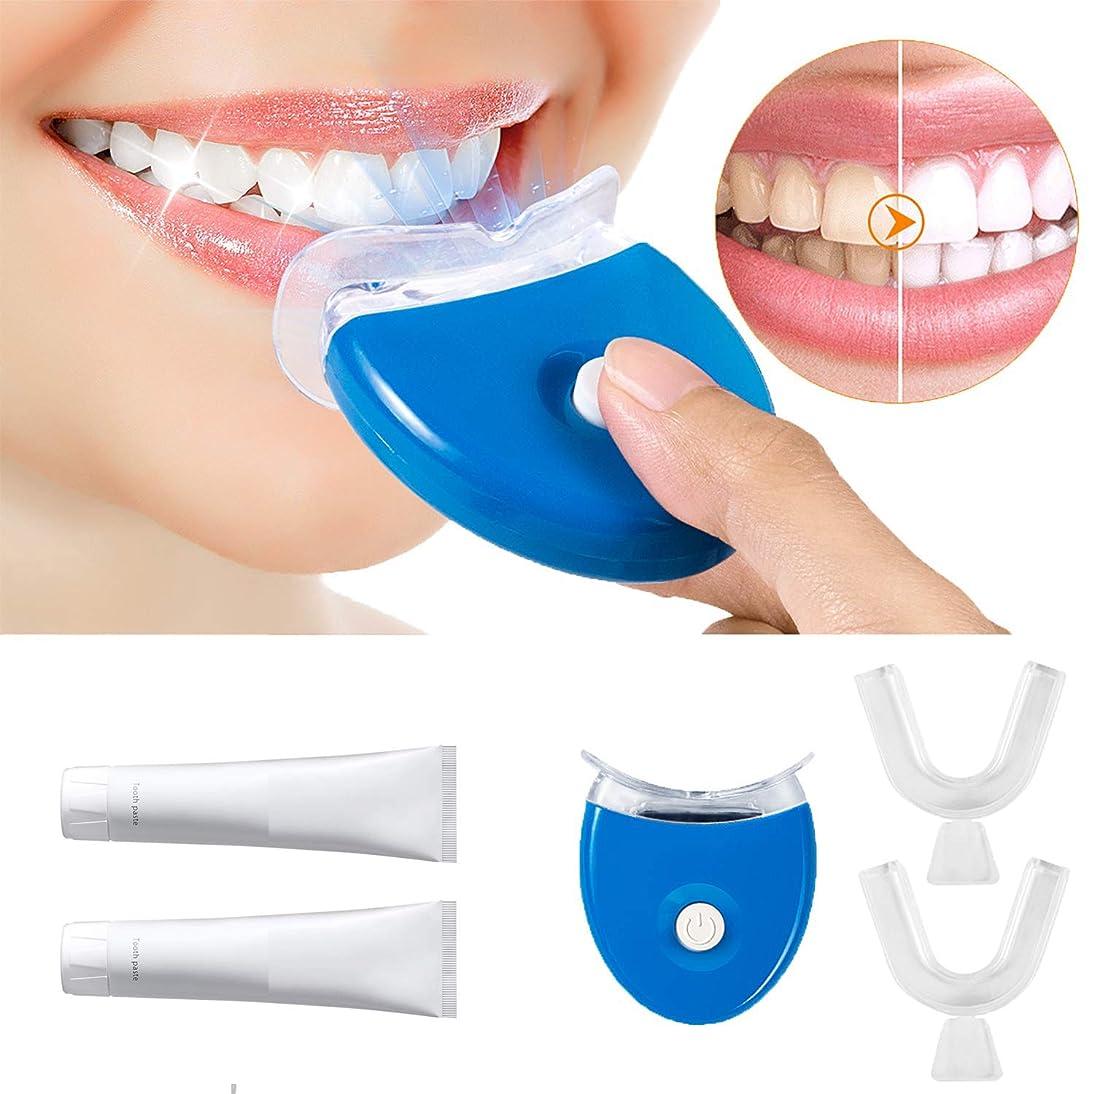 光沢のある懲らしめもつれホワイトニング 歯ホワイトニング器 歯美白器 美歯器 歯 ホワイトニング ホワイトナー ケア 歯の消しゴム 歯科機器 口腔ゲルキット ブルー